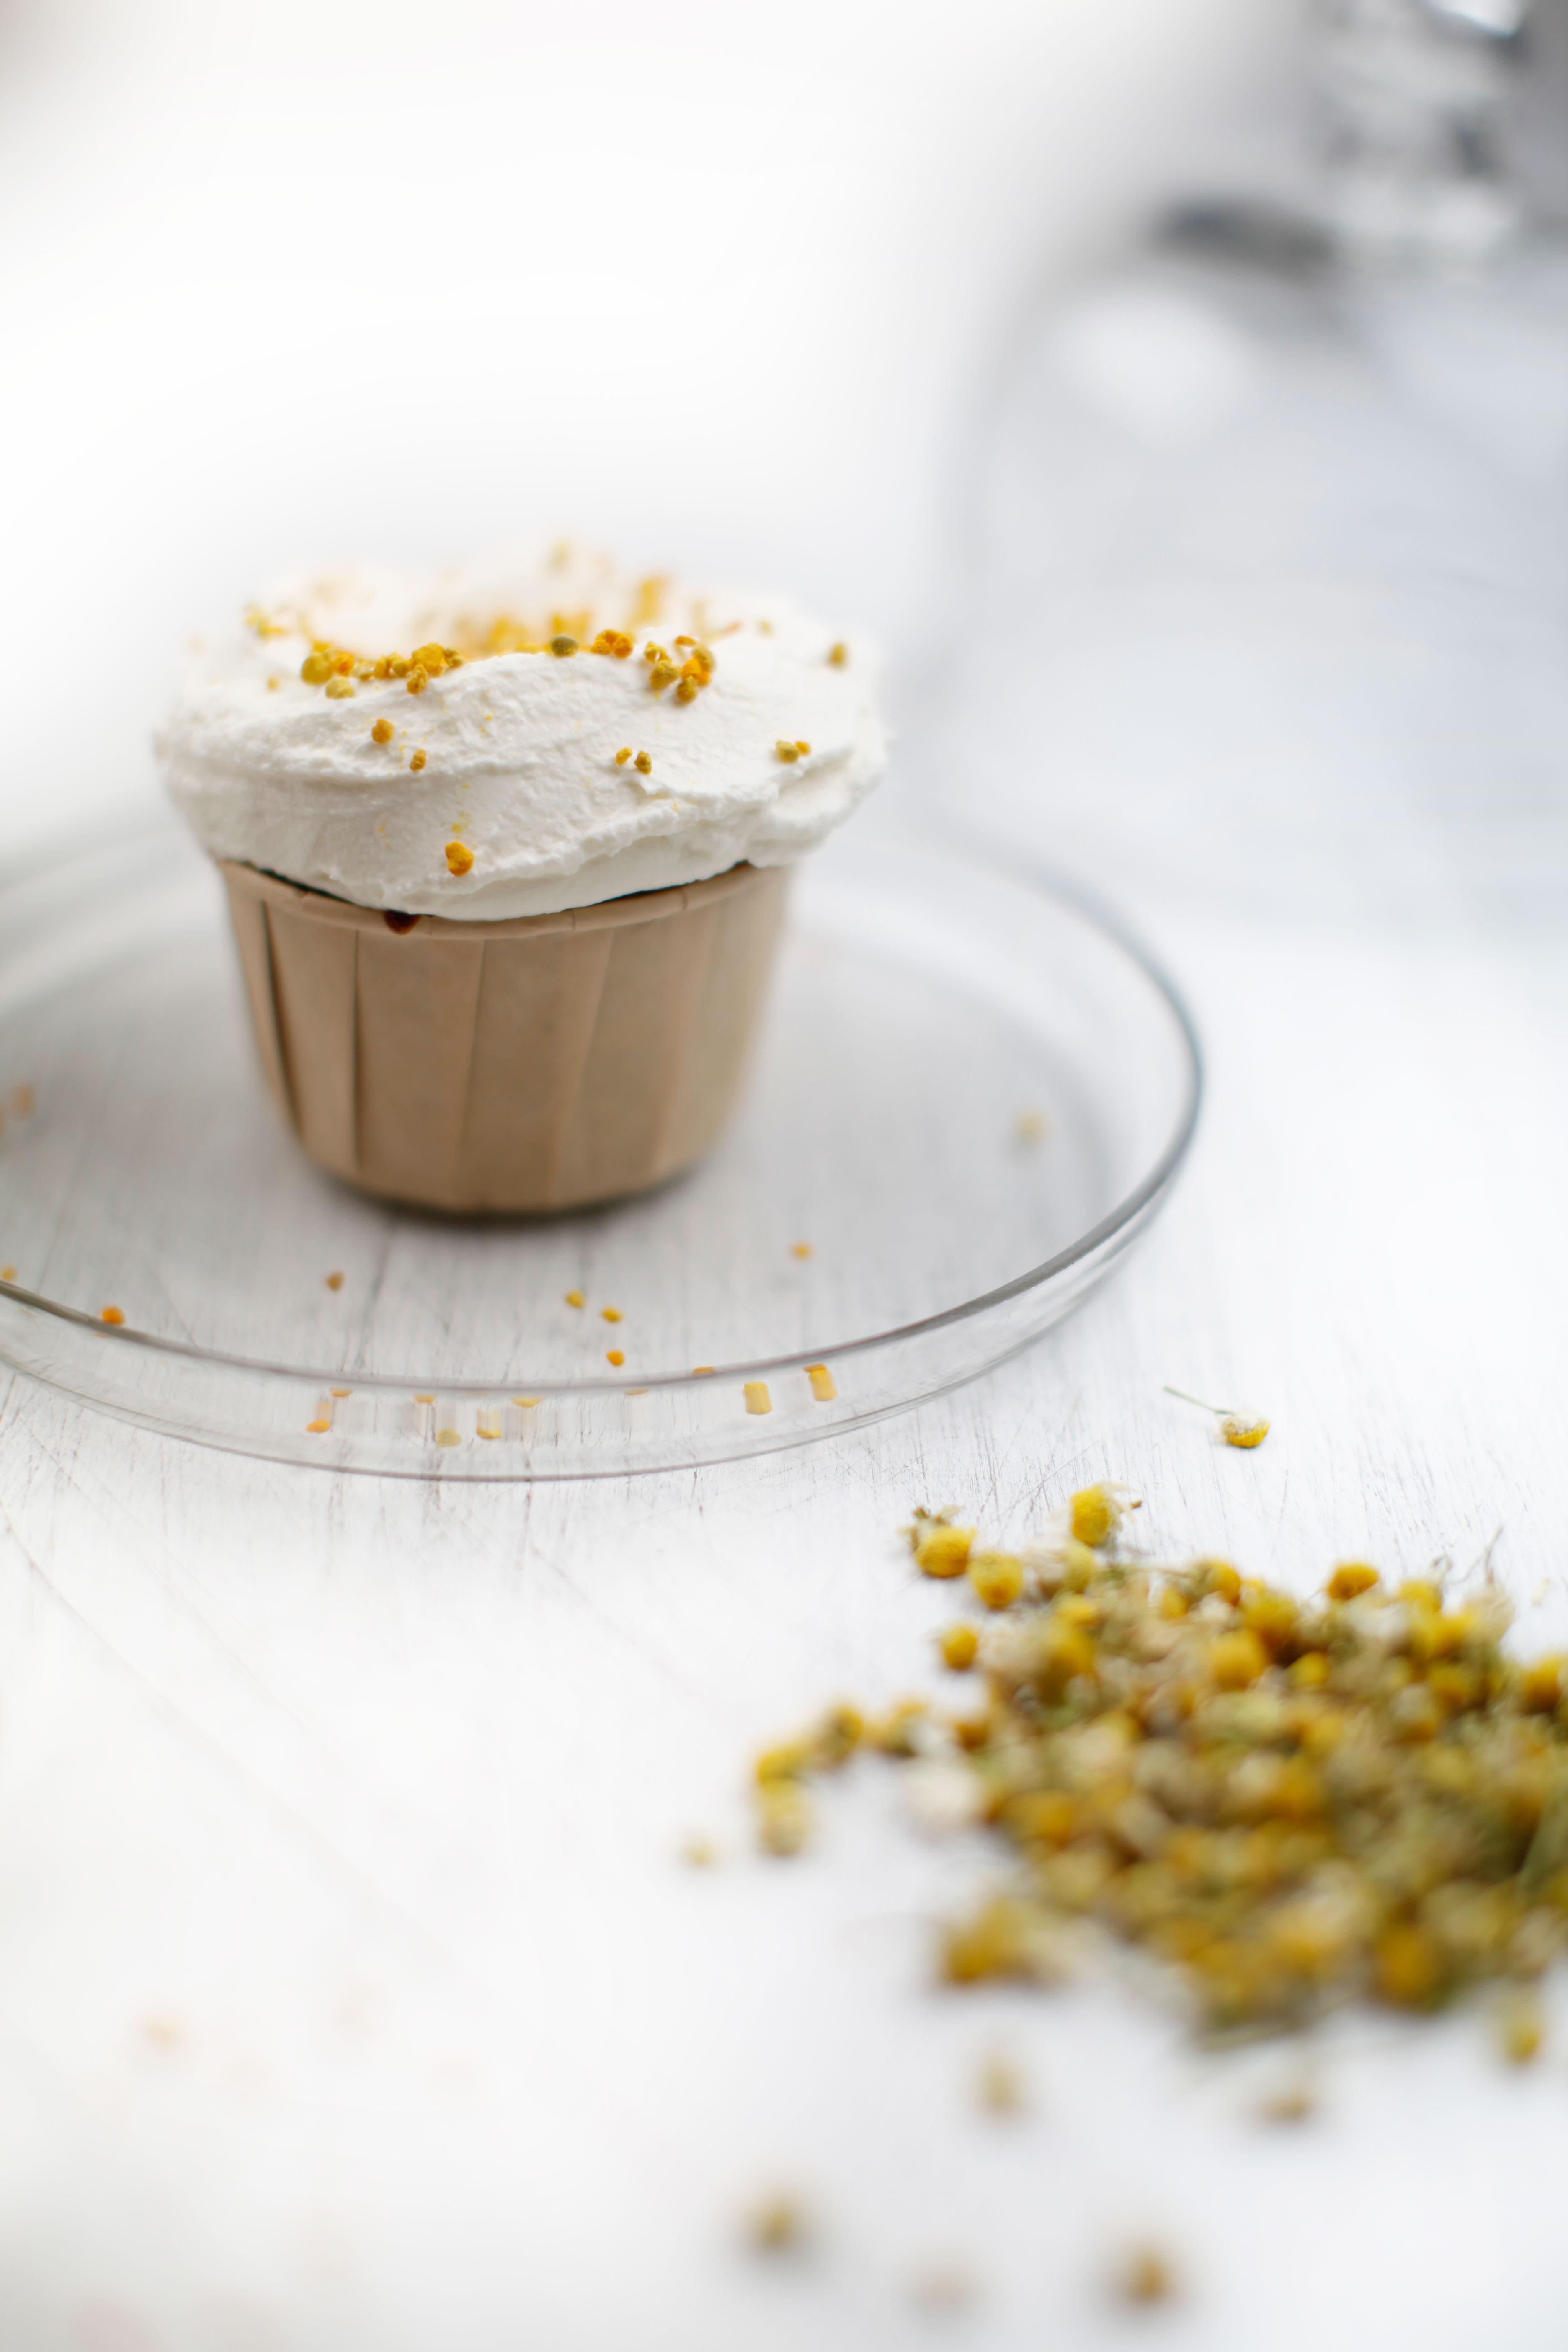 pici-e-castagne-muffin-camomilla-2